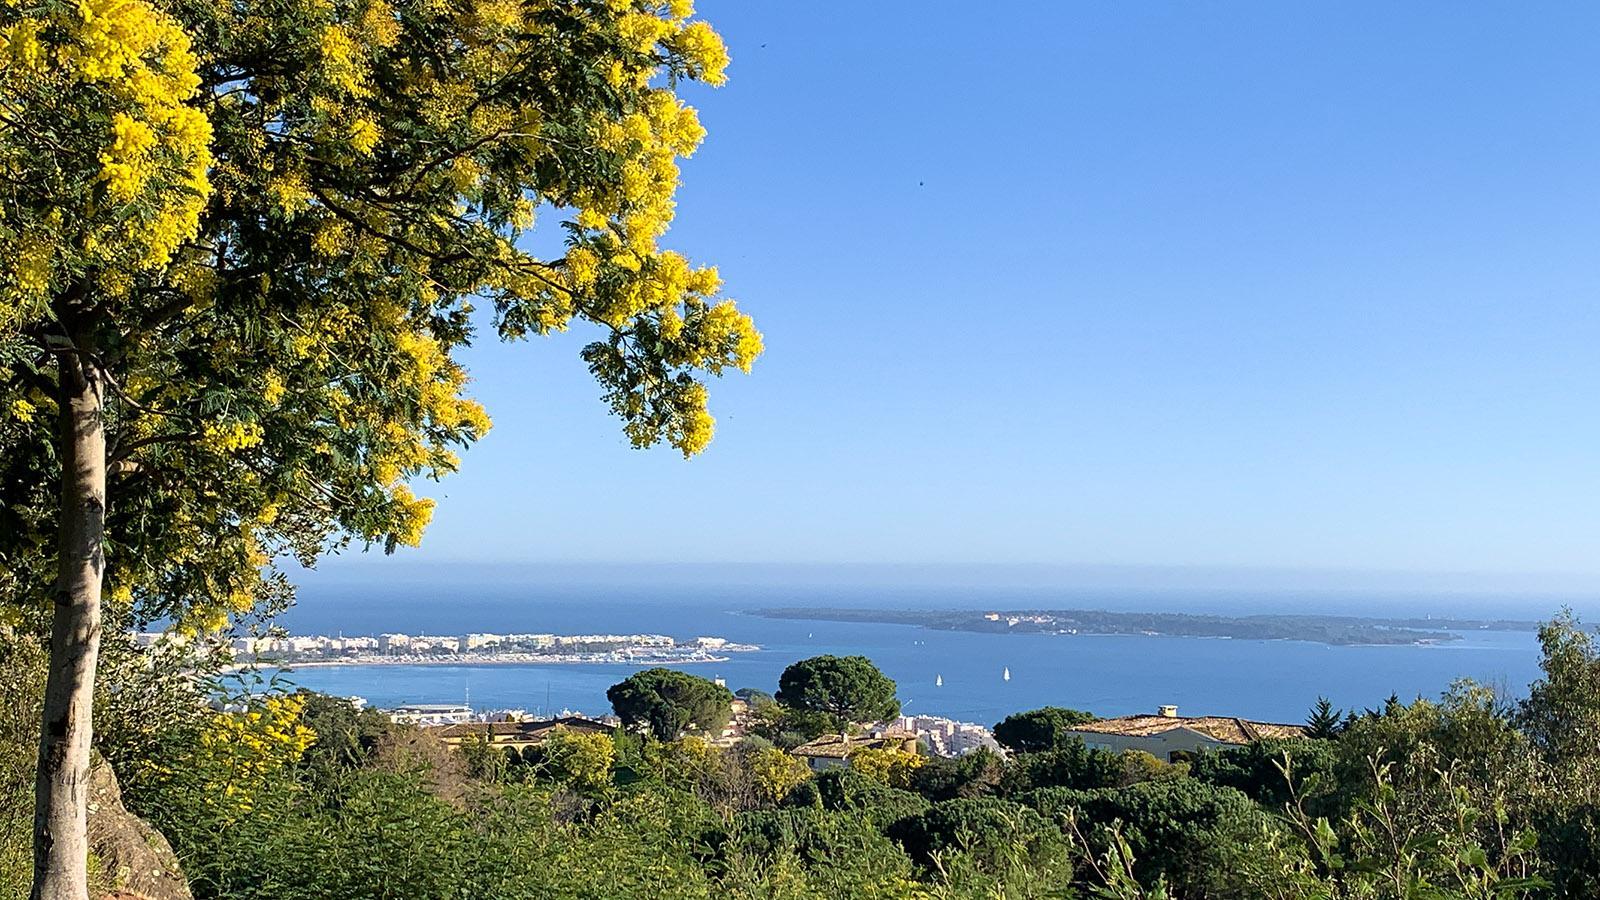 Traumblicke auf Cannes eröffnet sich vom Naturpark Croix des Gardes. Foto: Hilke Maunder